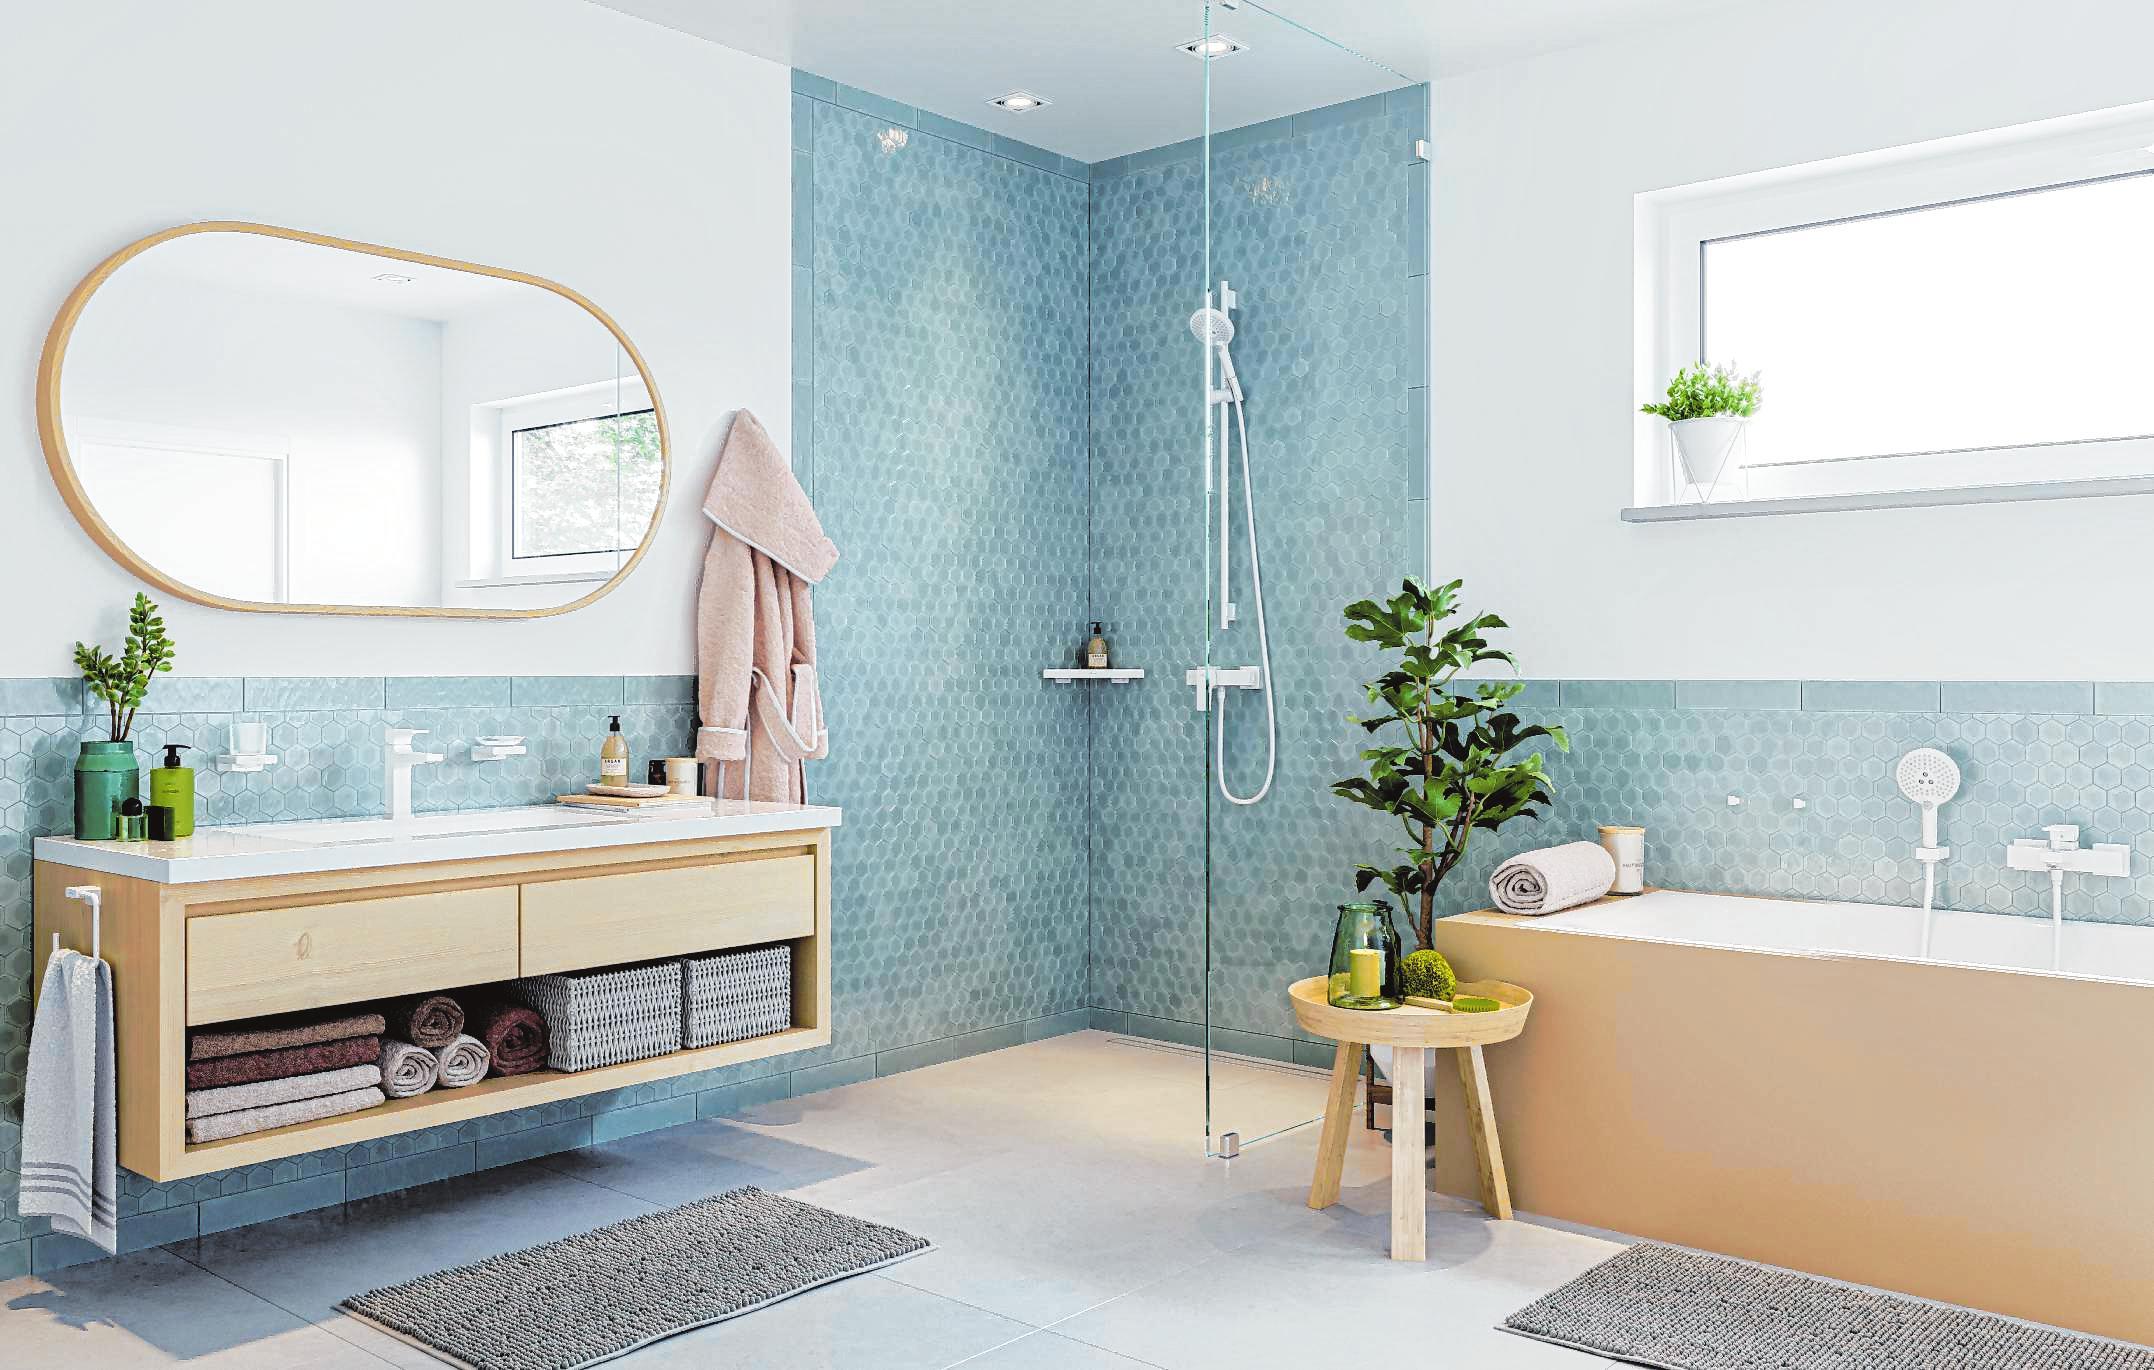 Beigetöne und Akzente in Türkis: Diese Farbkombination verändert den bislang typischen Look eines Badezimmers.